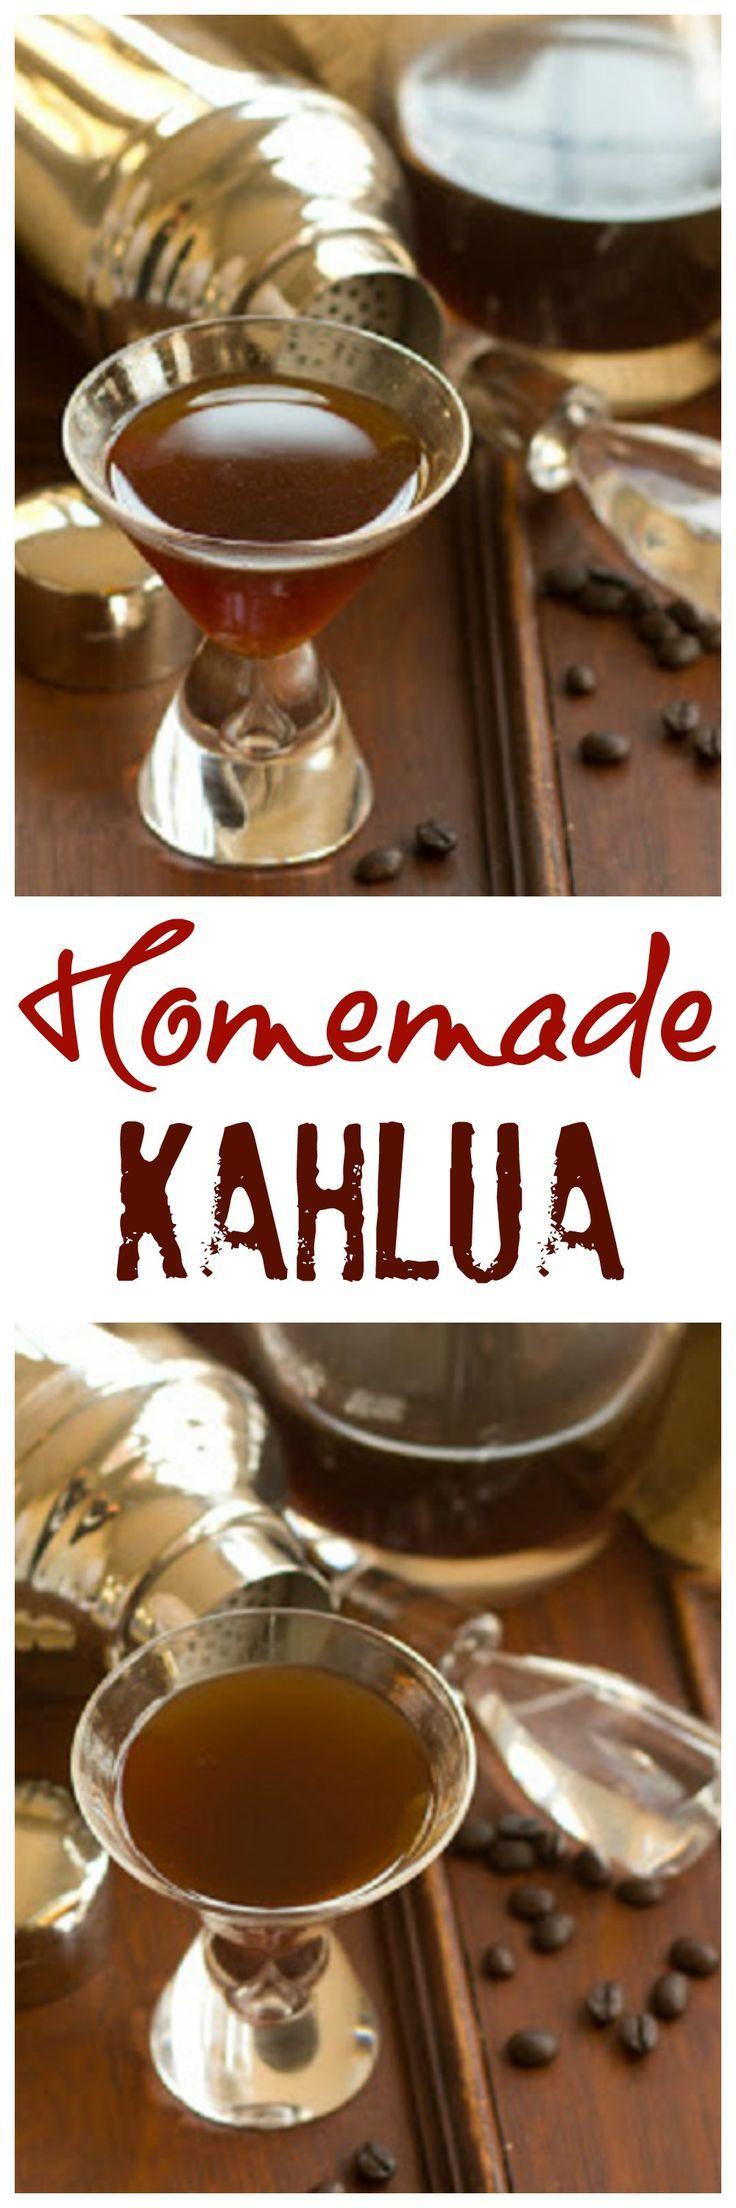 Homemade Kahlua   Make a copycat Kahlua recipe at home!!! /lizzydo/